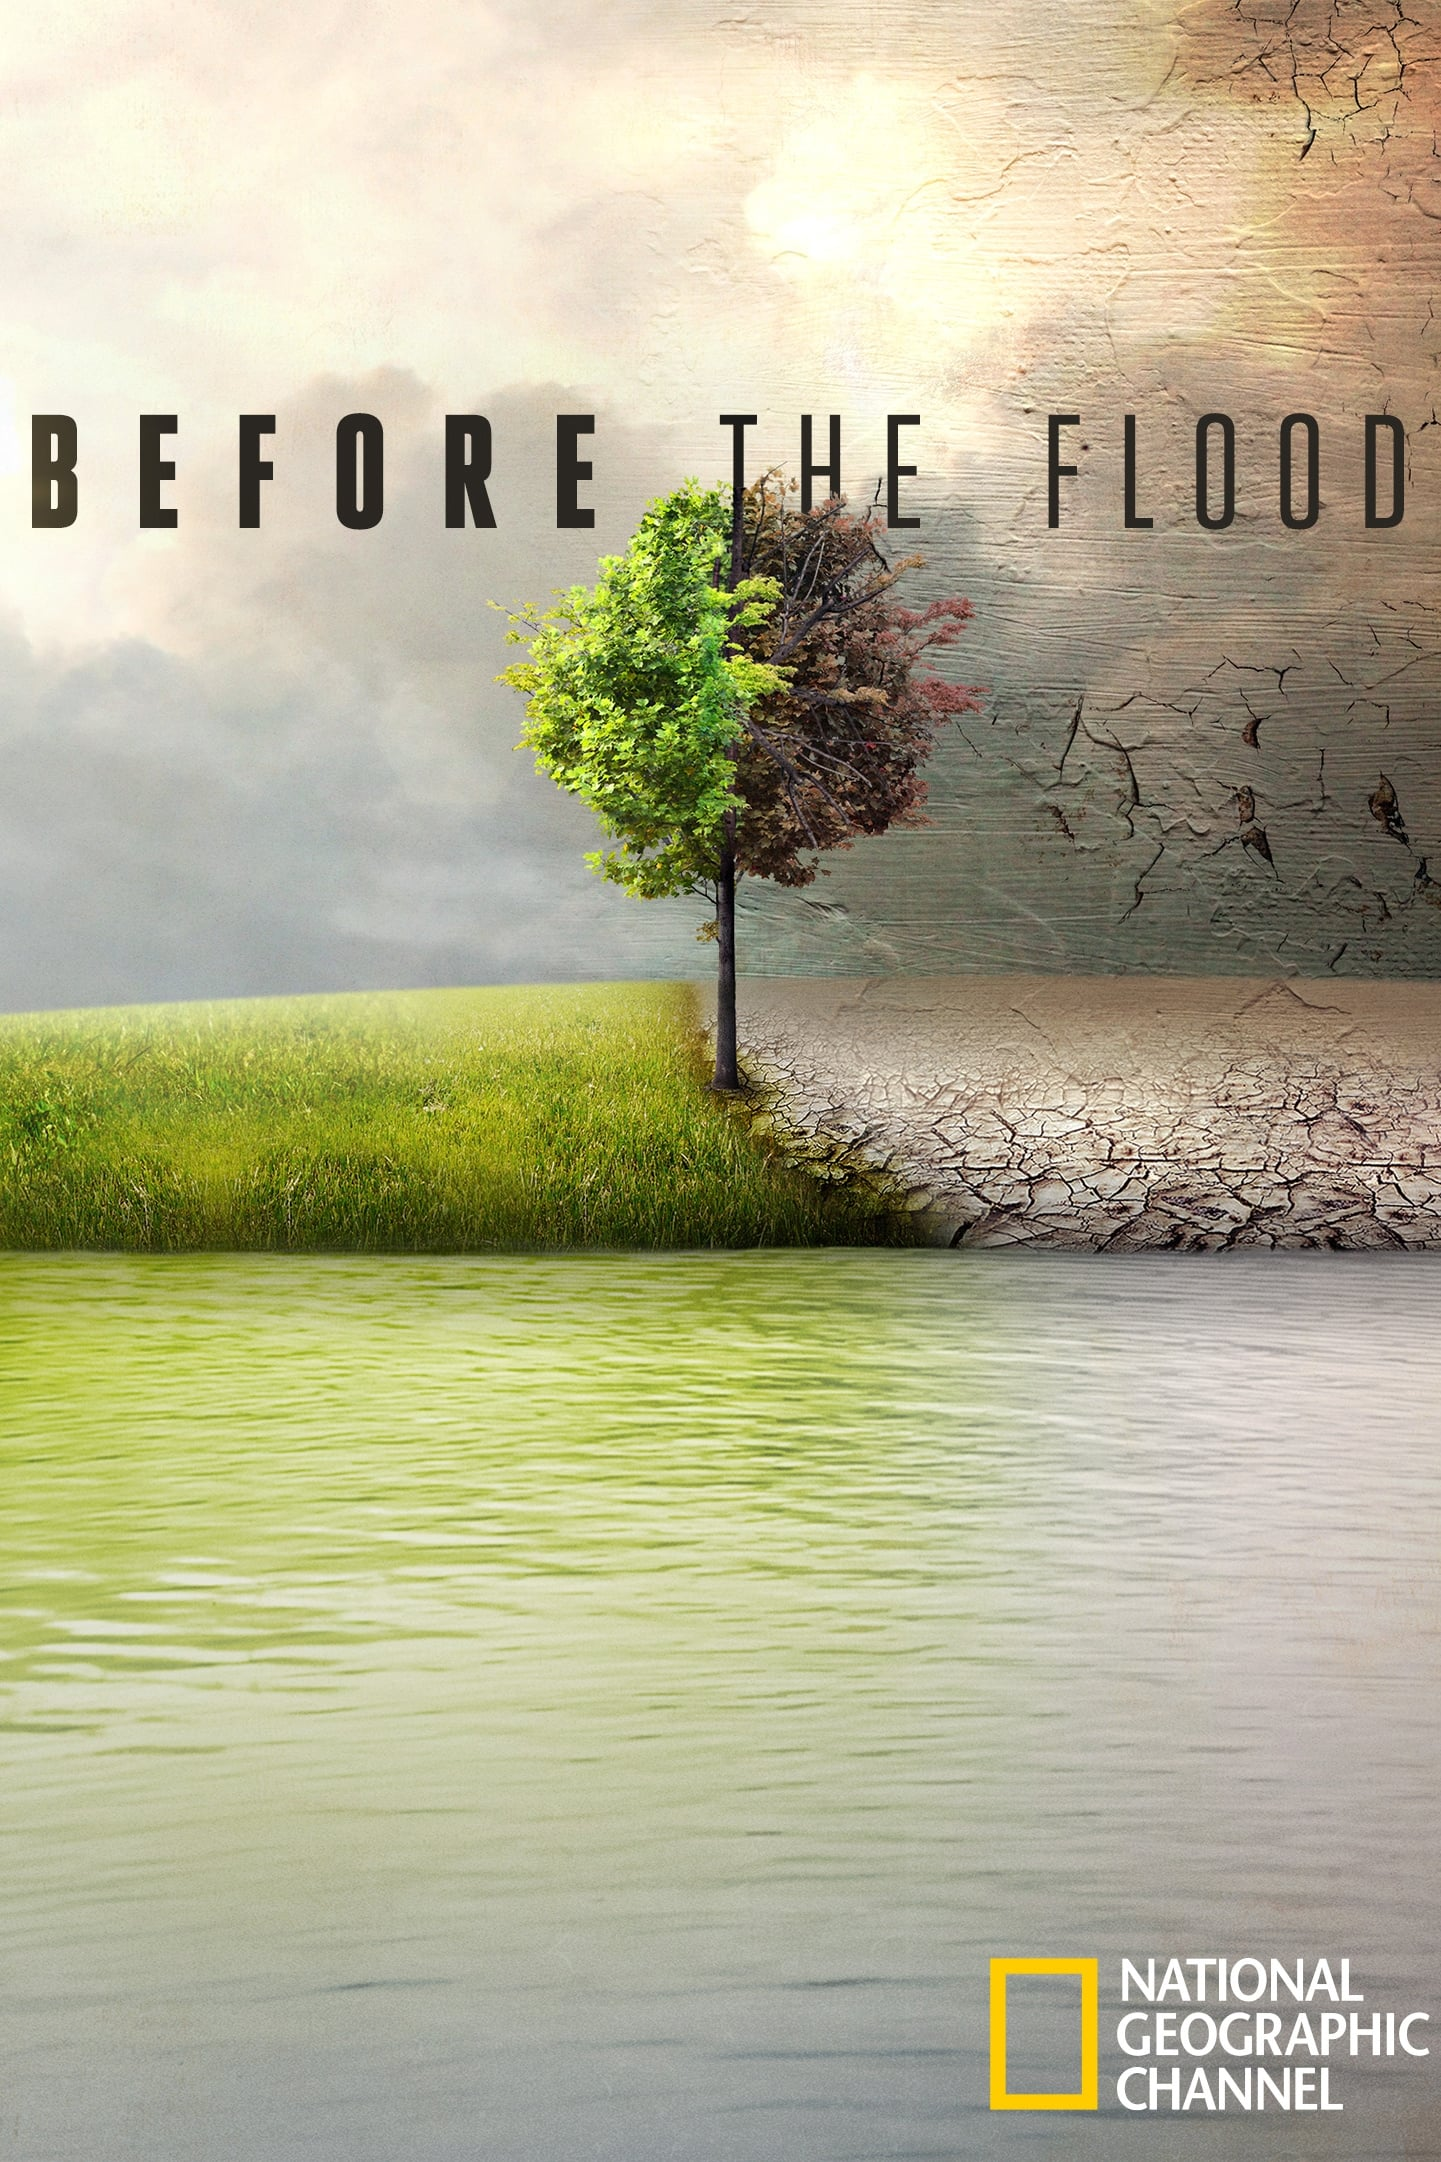 წყალდიდობამდე / Before the Flood